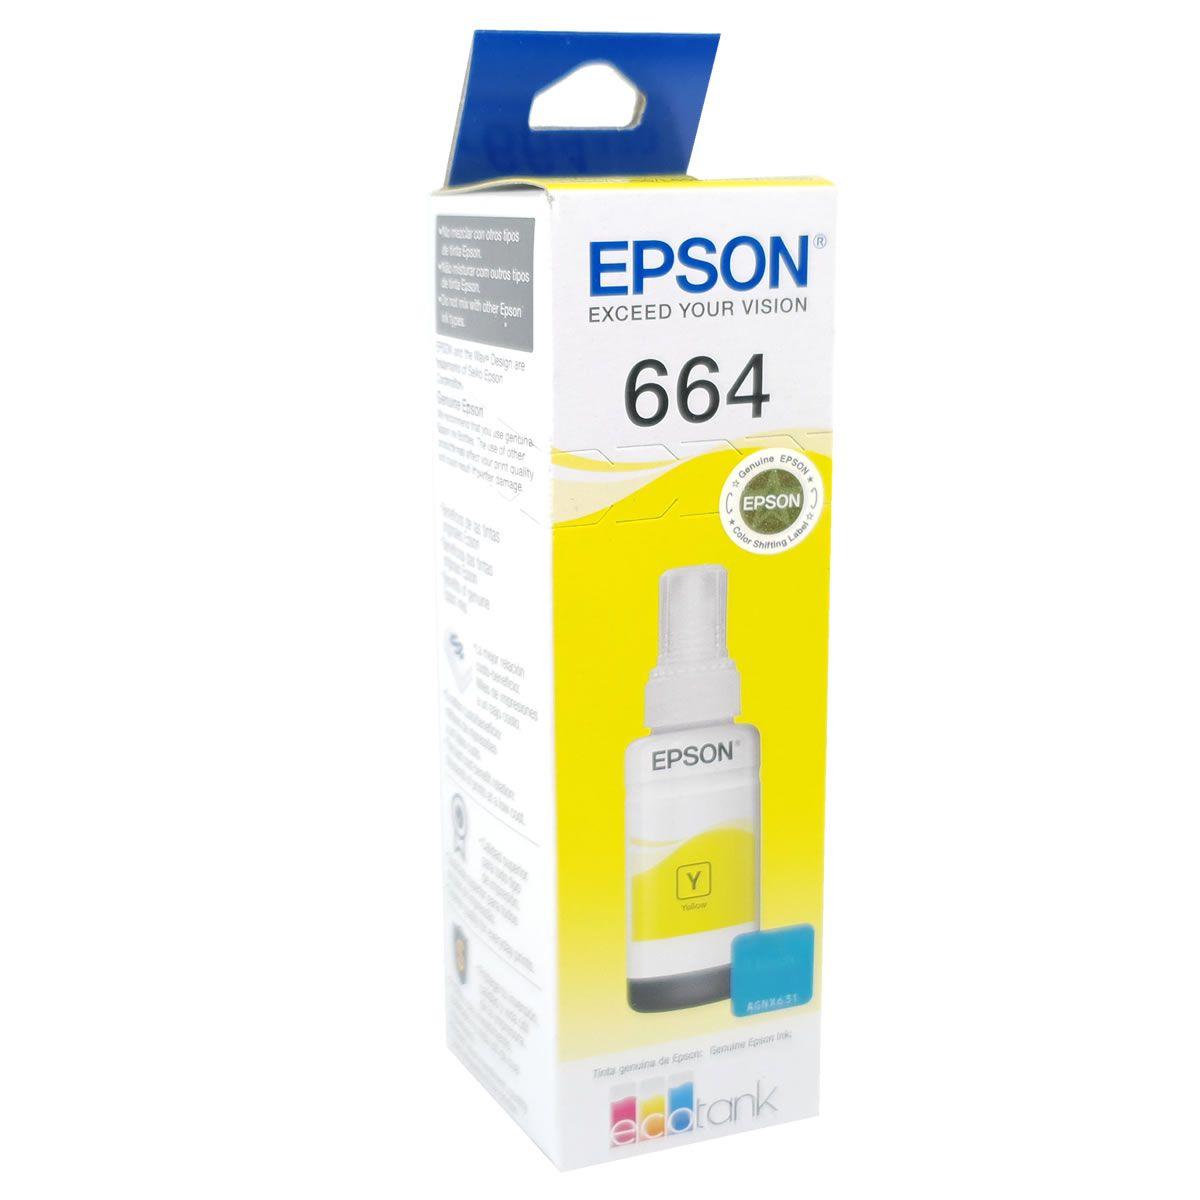 Refil de Tinta EPSON T664420 T6644 Amarelo 70ml para L110 L120 L200 L210 L300 L350 L355 L375 L395 L555 1300